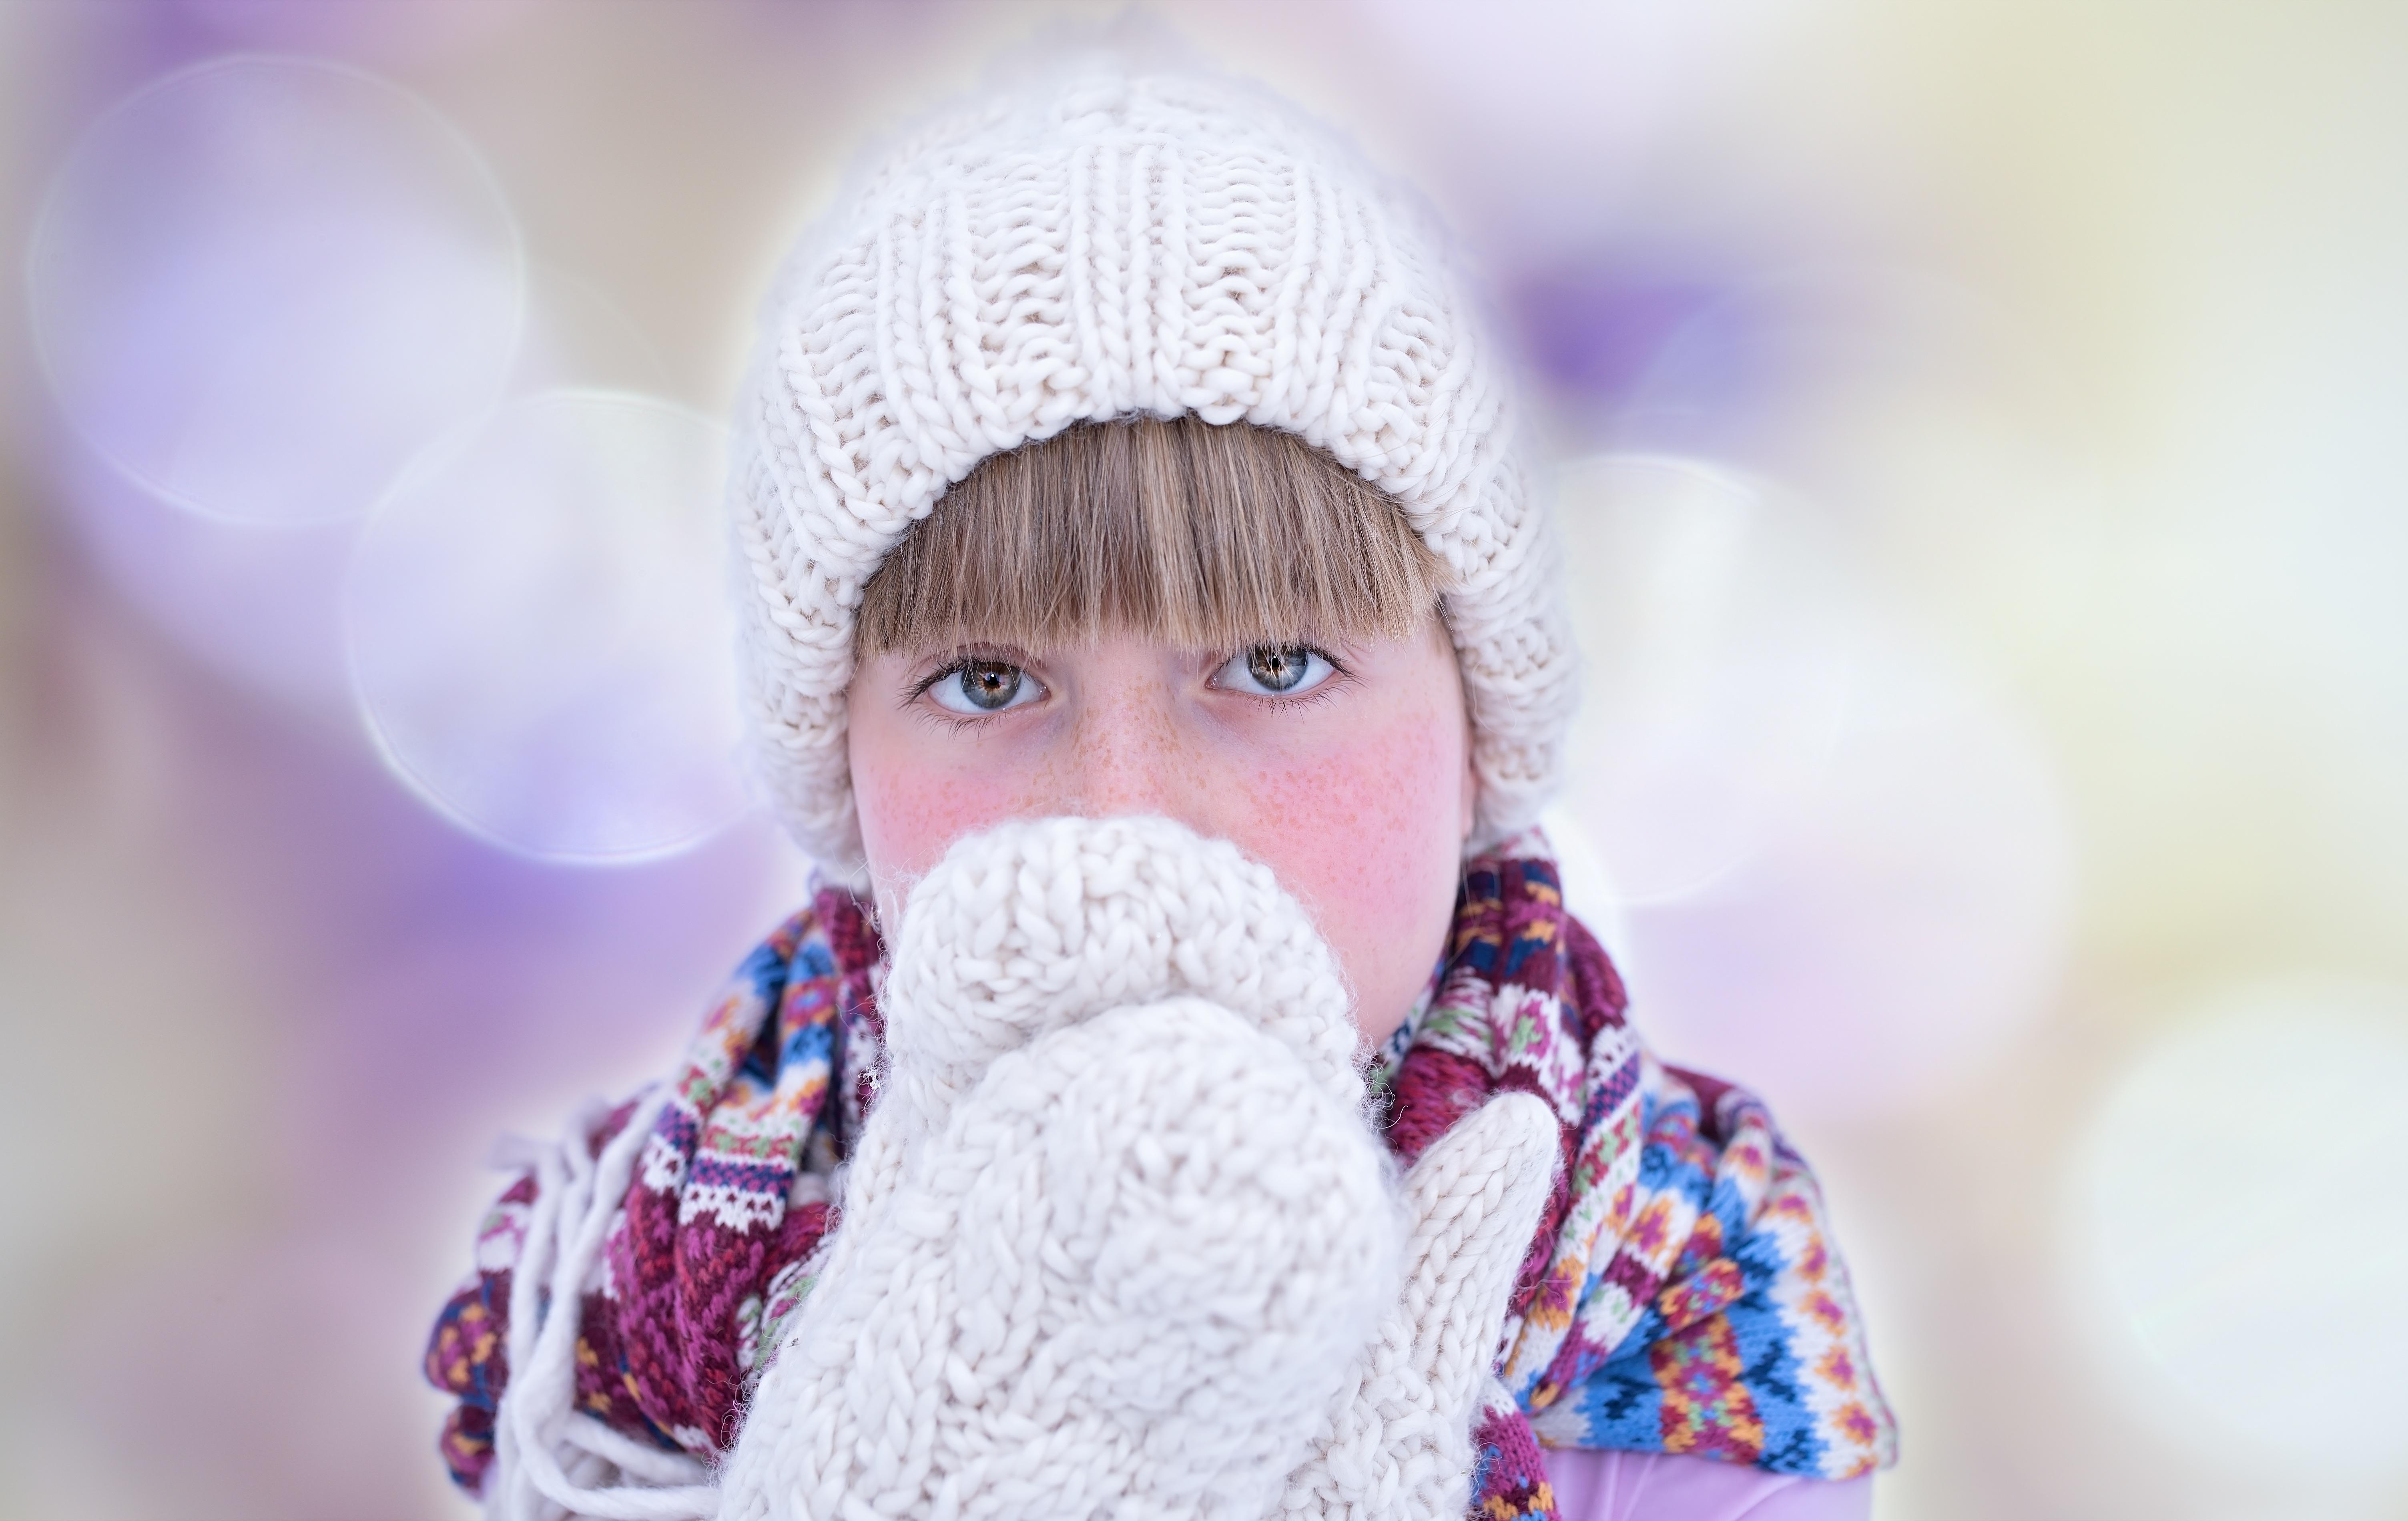 Kostenlose foto : Person, Winter, Mädchen, Haar, Fotografie, Blume ...